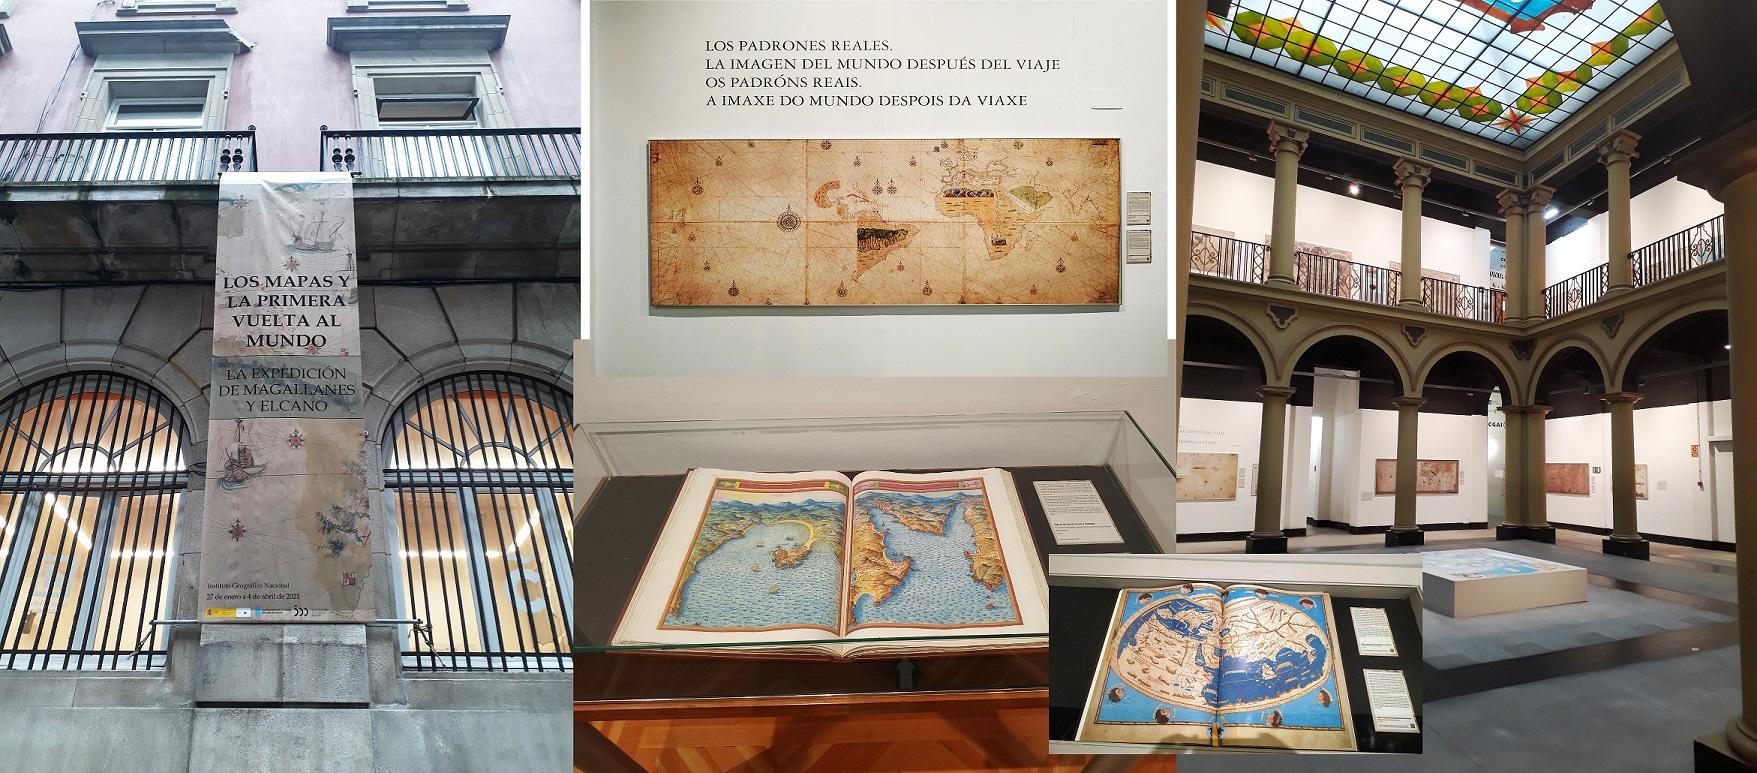 Los mapas y la primera vuelta al mundo